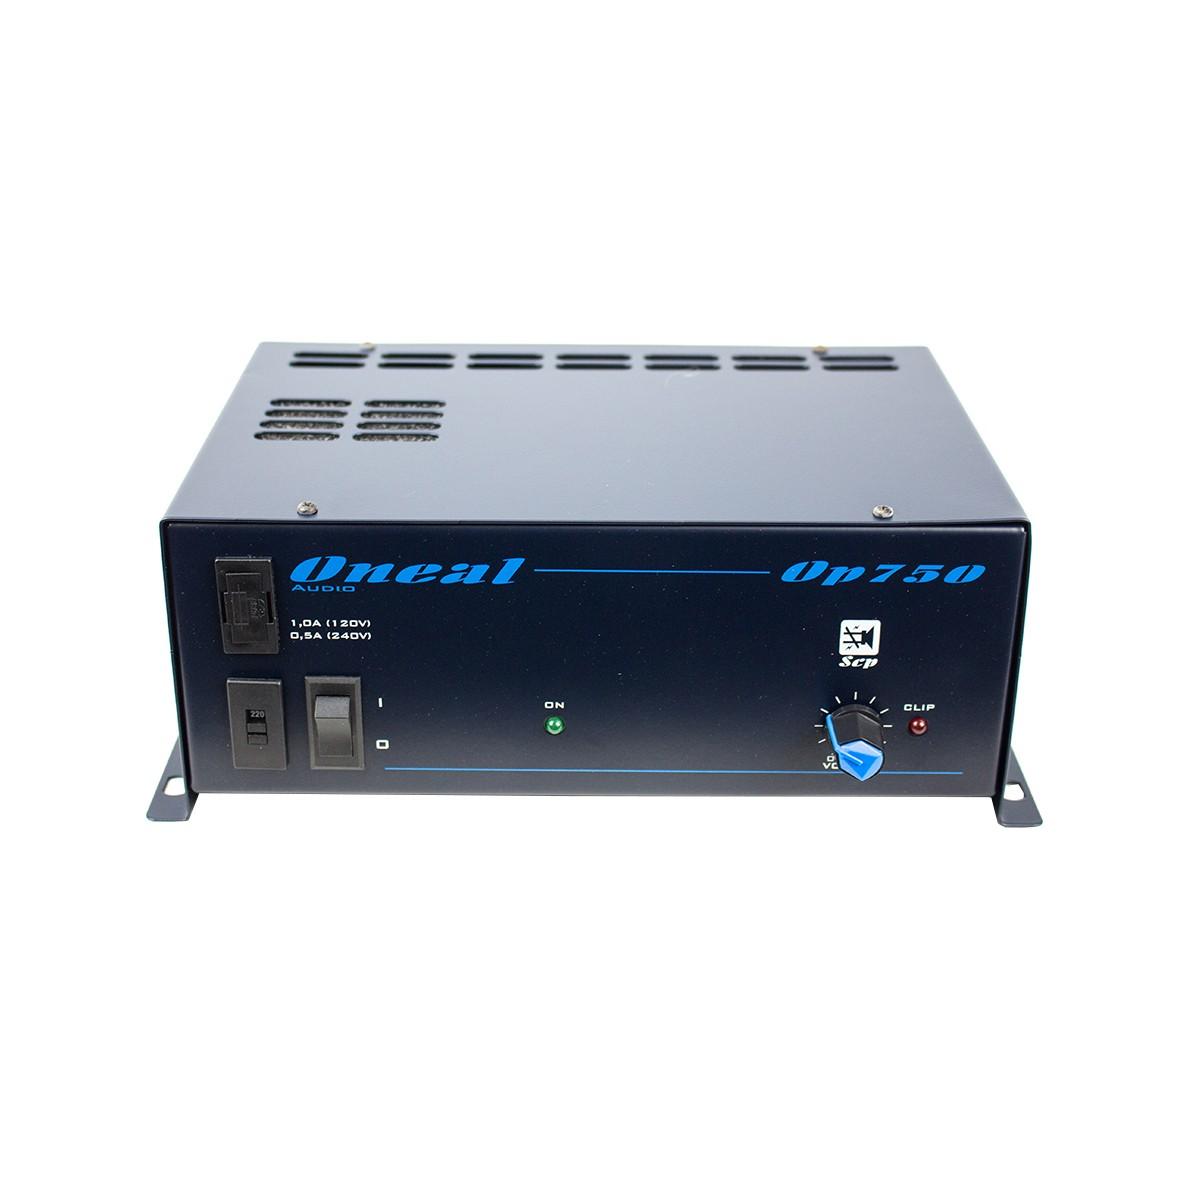 Amplificador 100W ( 4 Ohms ) com 1 Canal de Entrada L/R OP 750 - Oneal